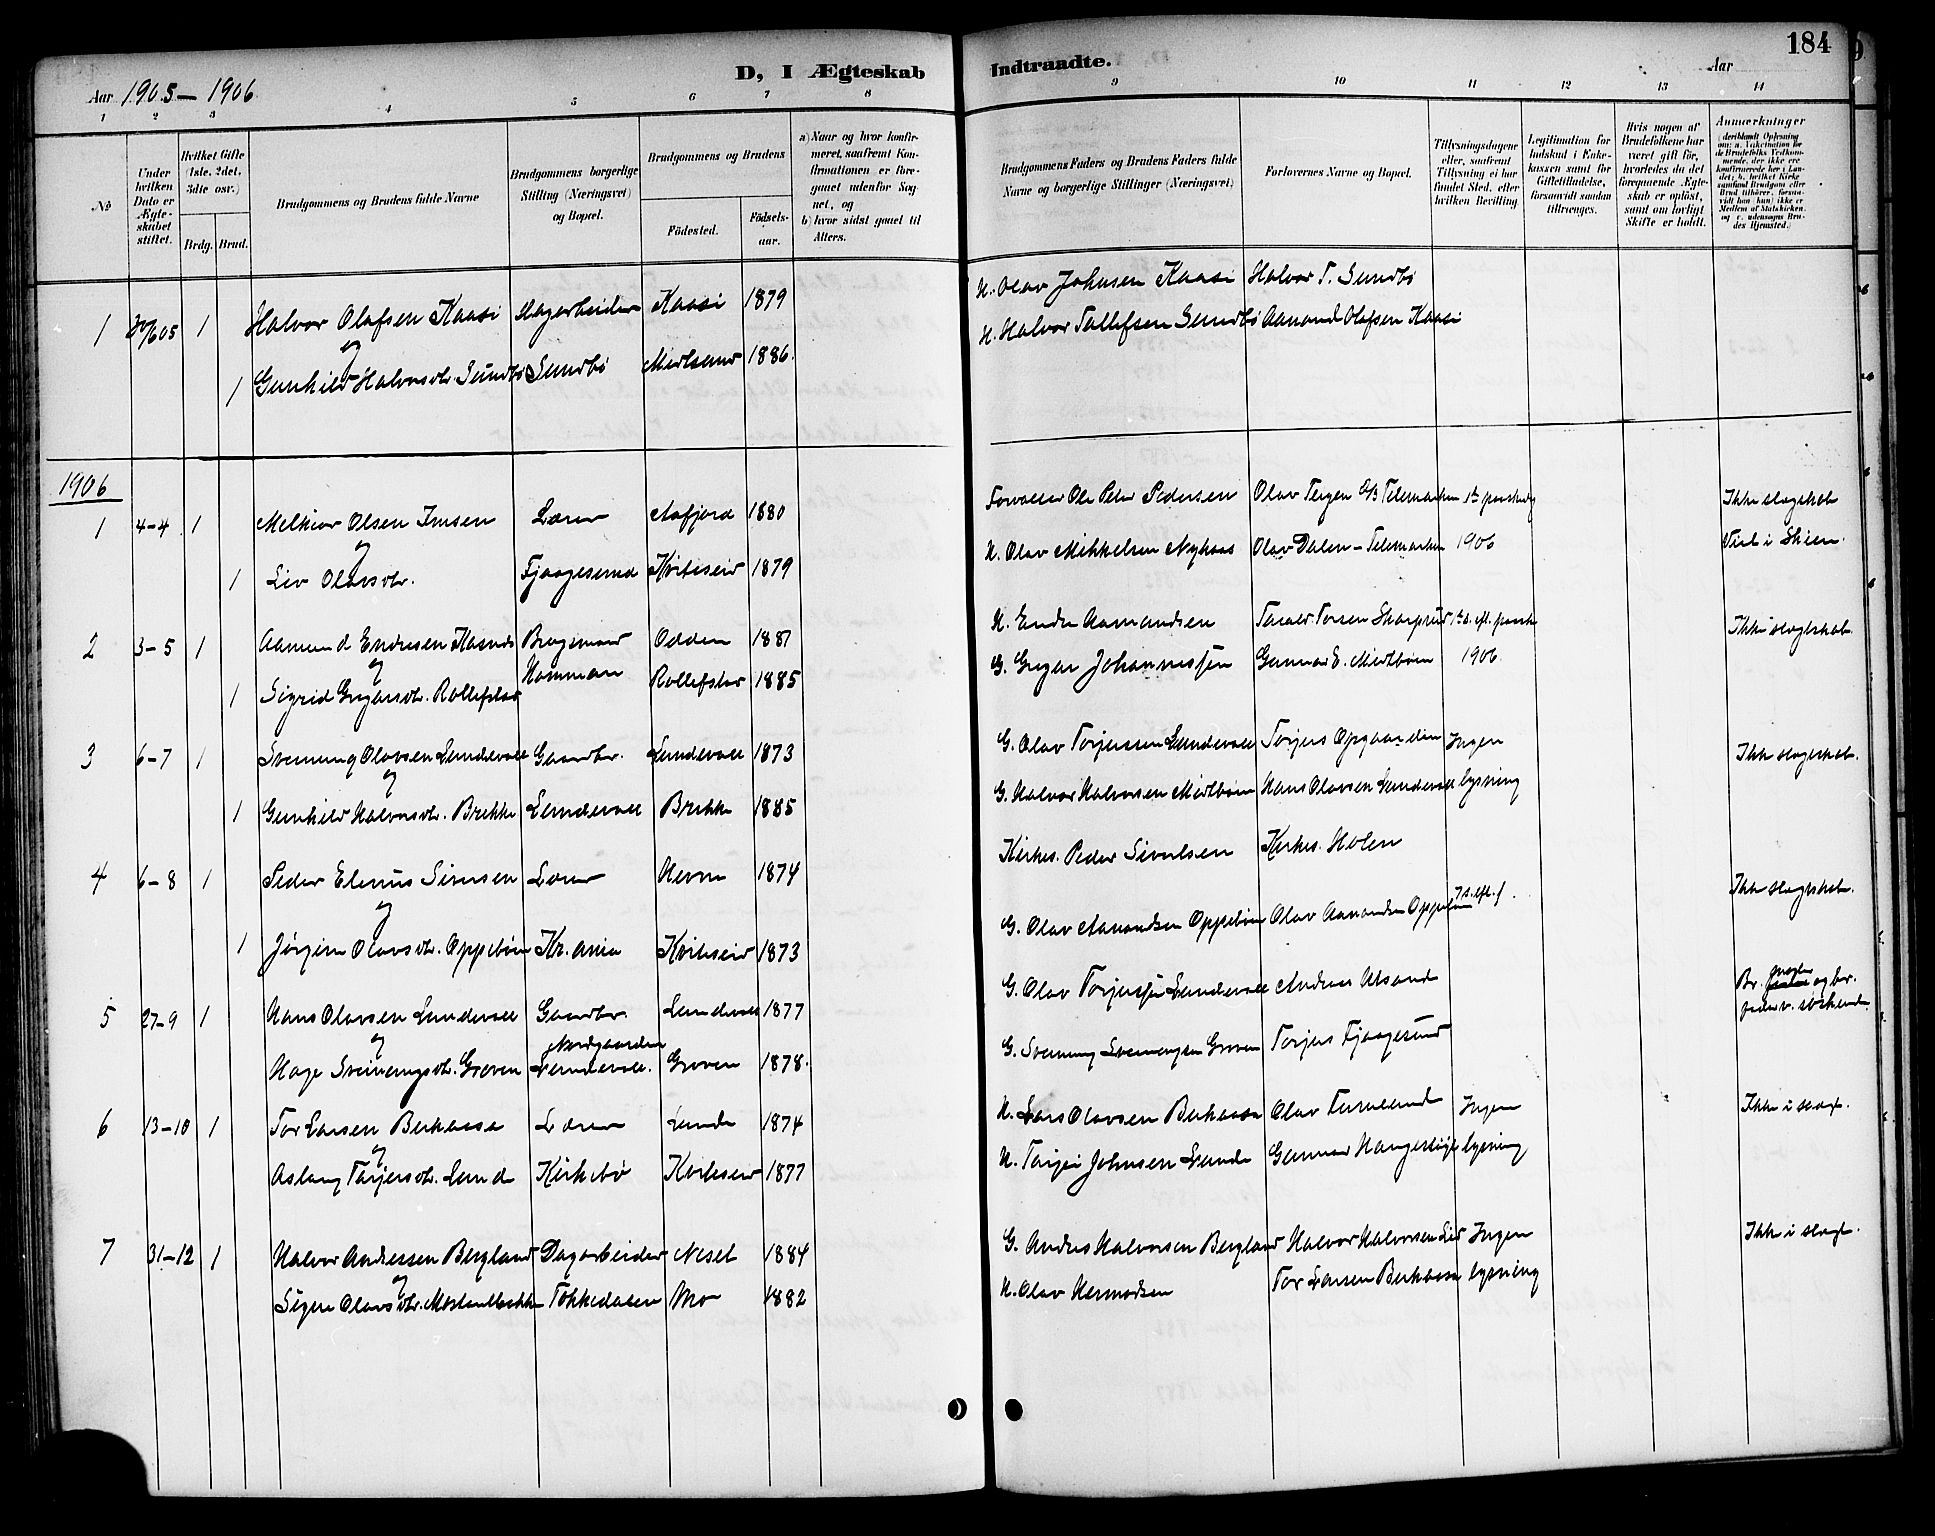 SAKO, Kviteseid kirkebøker, G/Ga/L0002: Klokkerbok nr. I 2, 1893-1918, s. 184